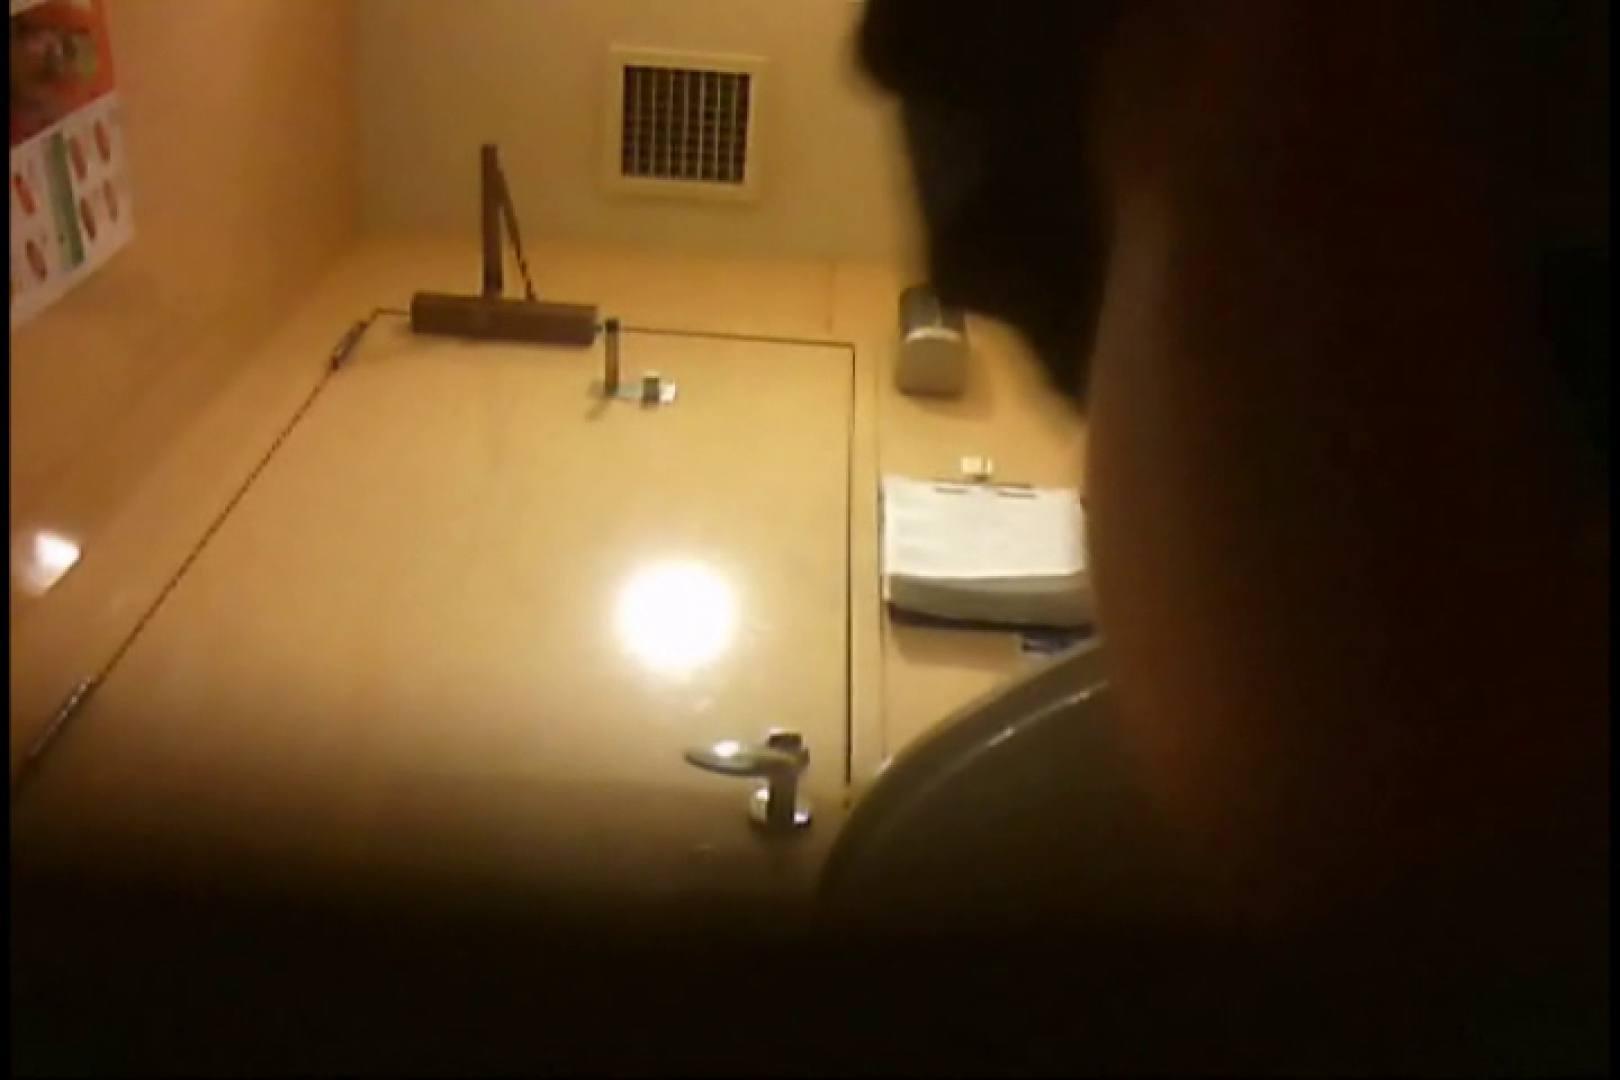 実録!魂の女子化粧室盗撮!!~隠れ潜む特殊カメラ~vo,08 盗撮師作品  85pic 10